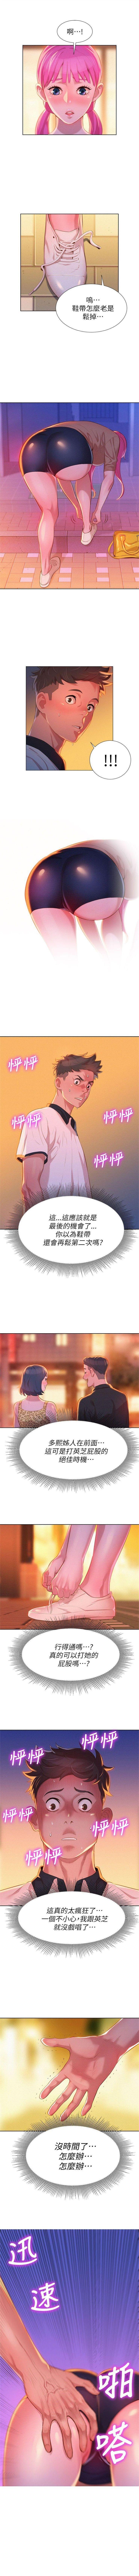 (周7)漂亮干姐姐  1-81 中文翻译 (更新中) 29